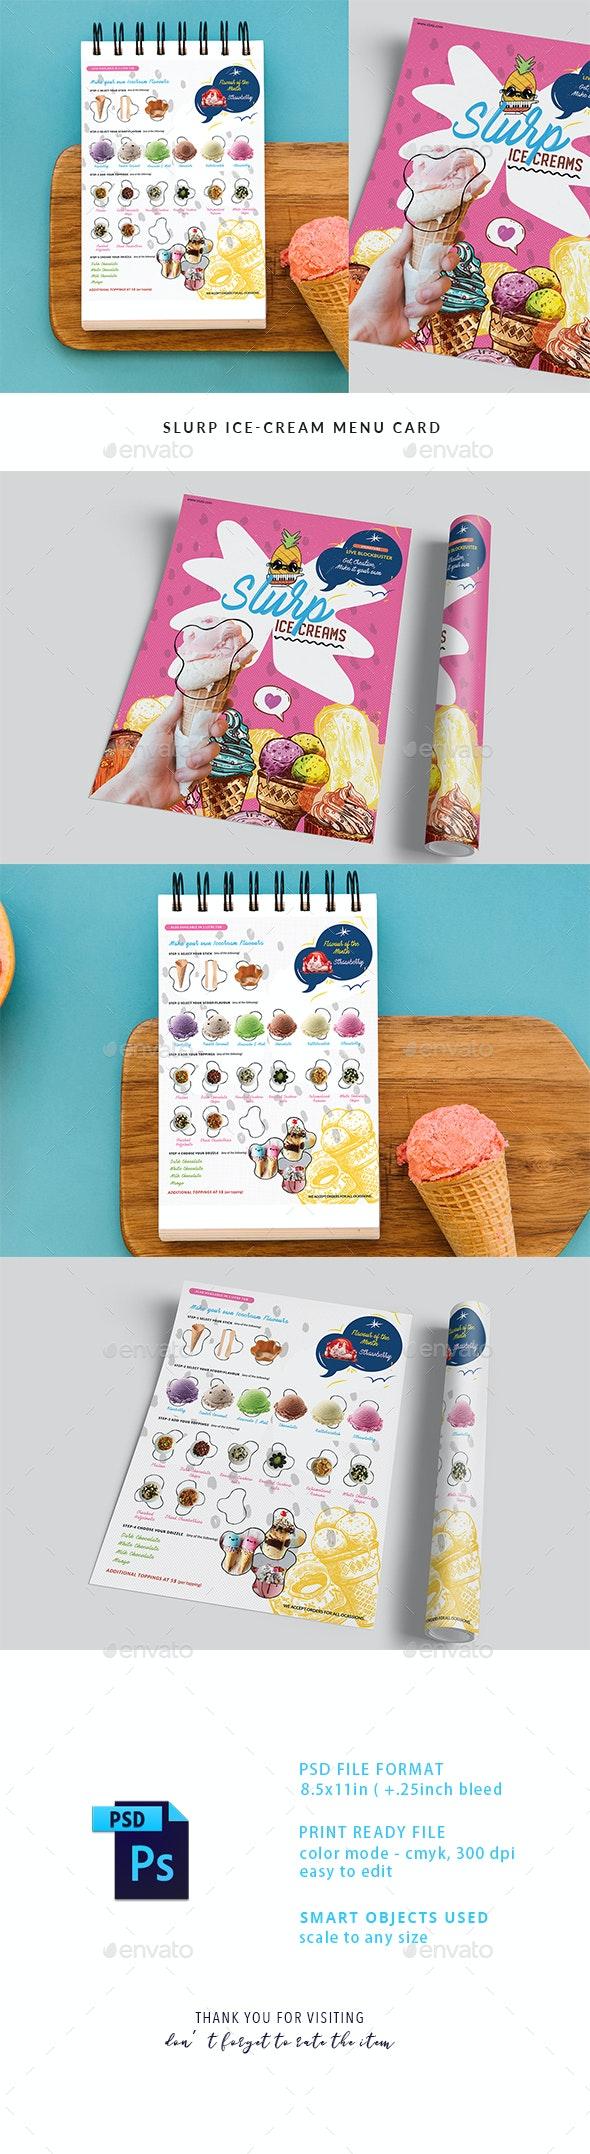 Slurp Ice-Cream Menu Card - Food Menus Print Templates